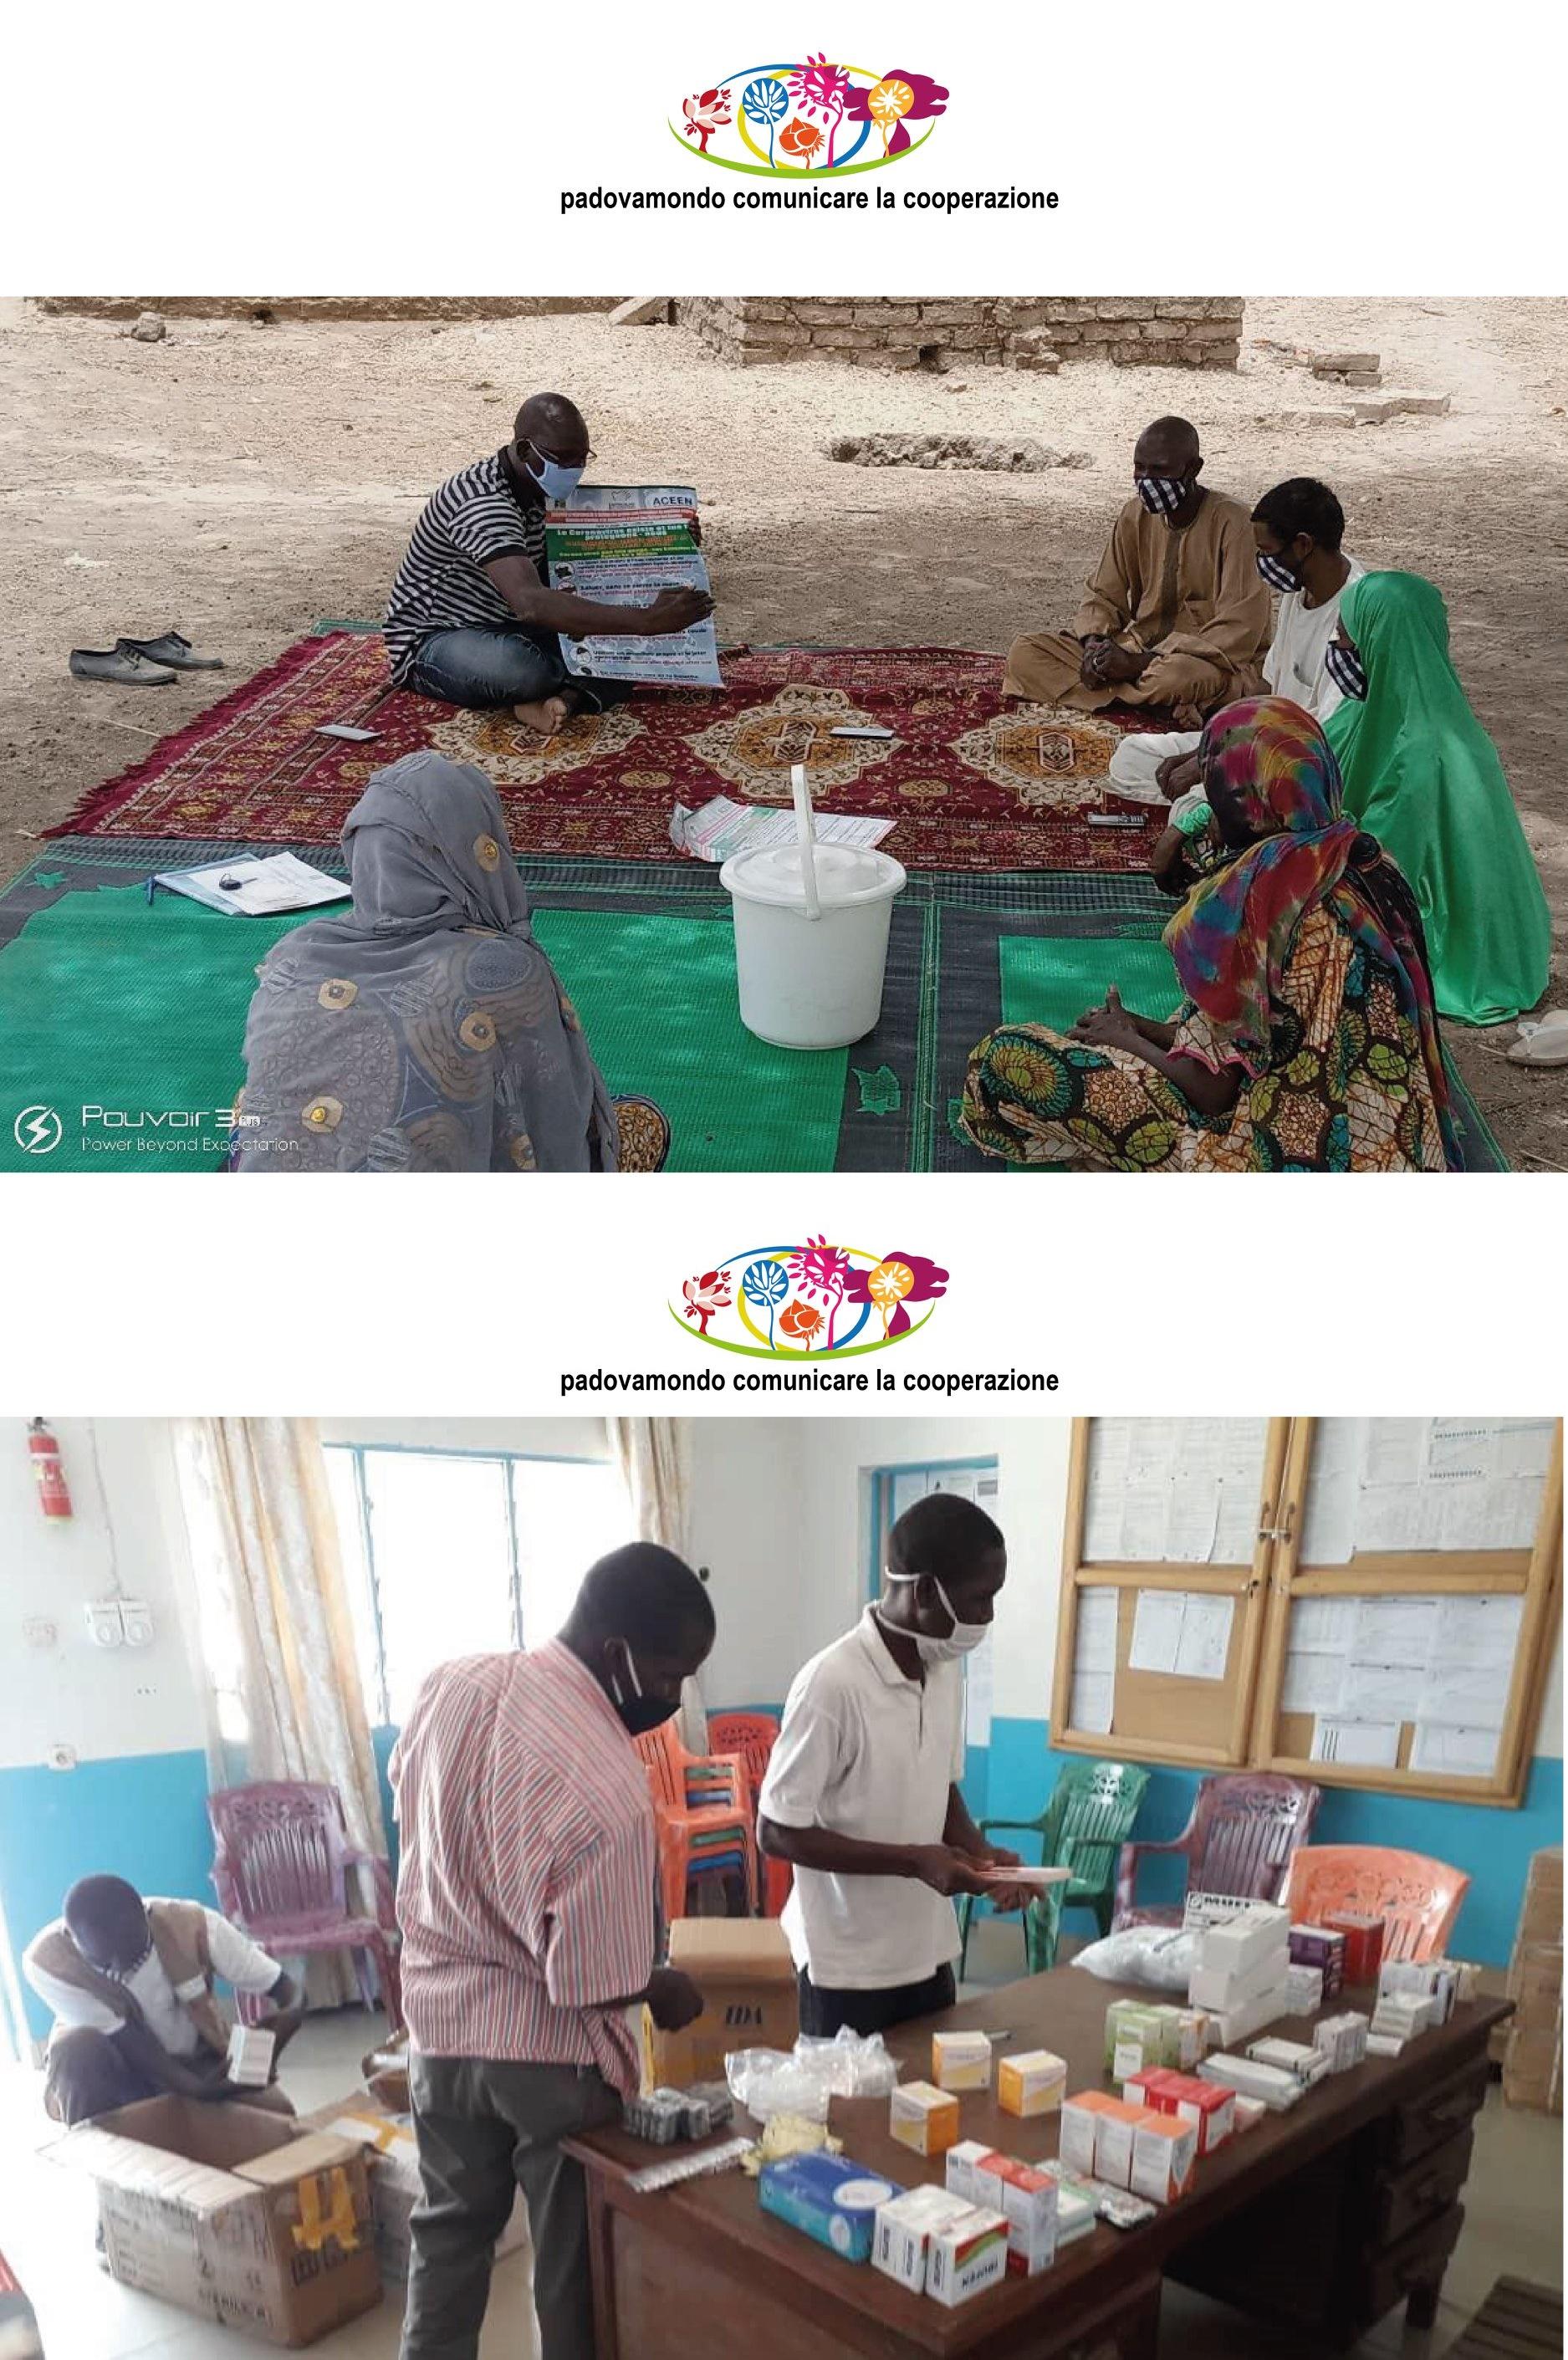 Camerun tra i villaggi la prevenzione contro il Covid-19